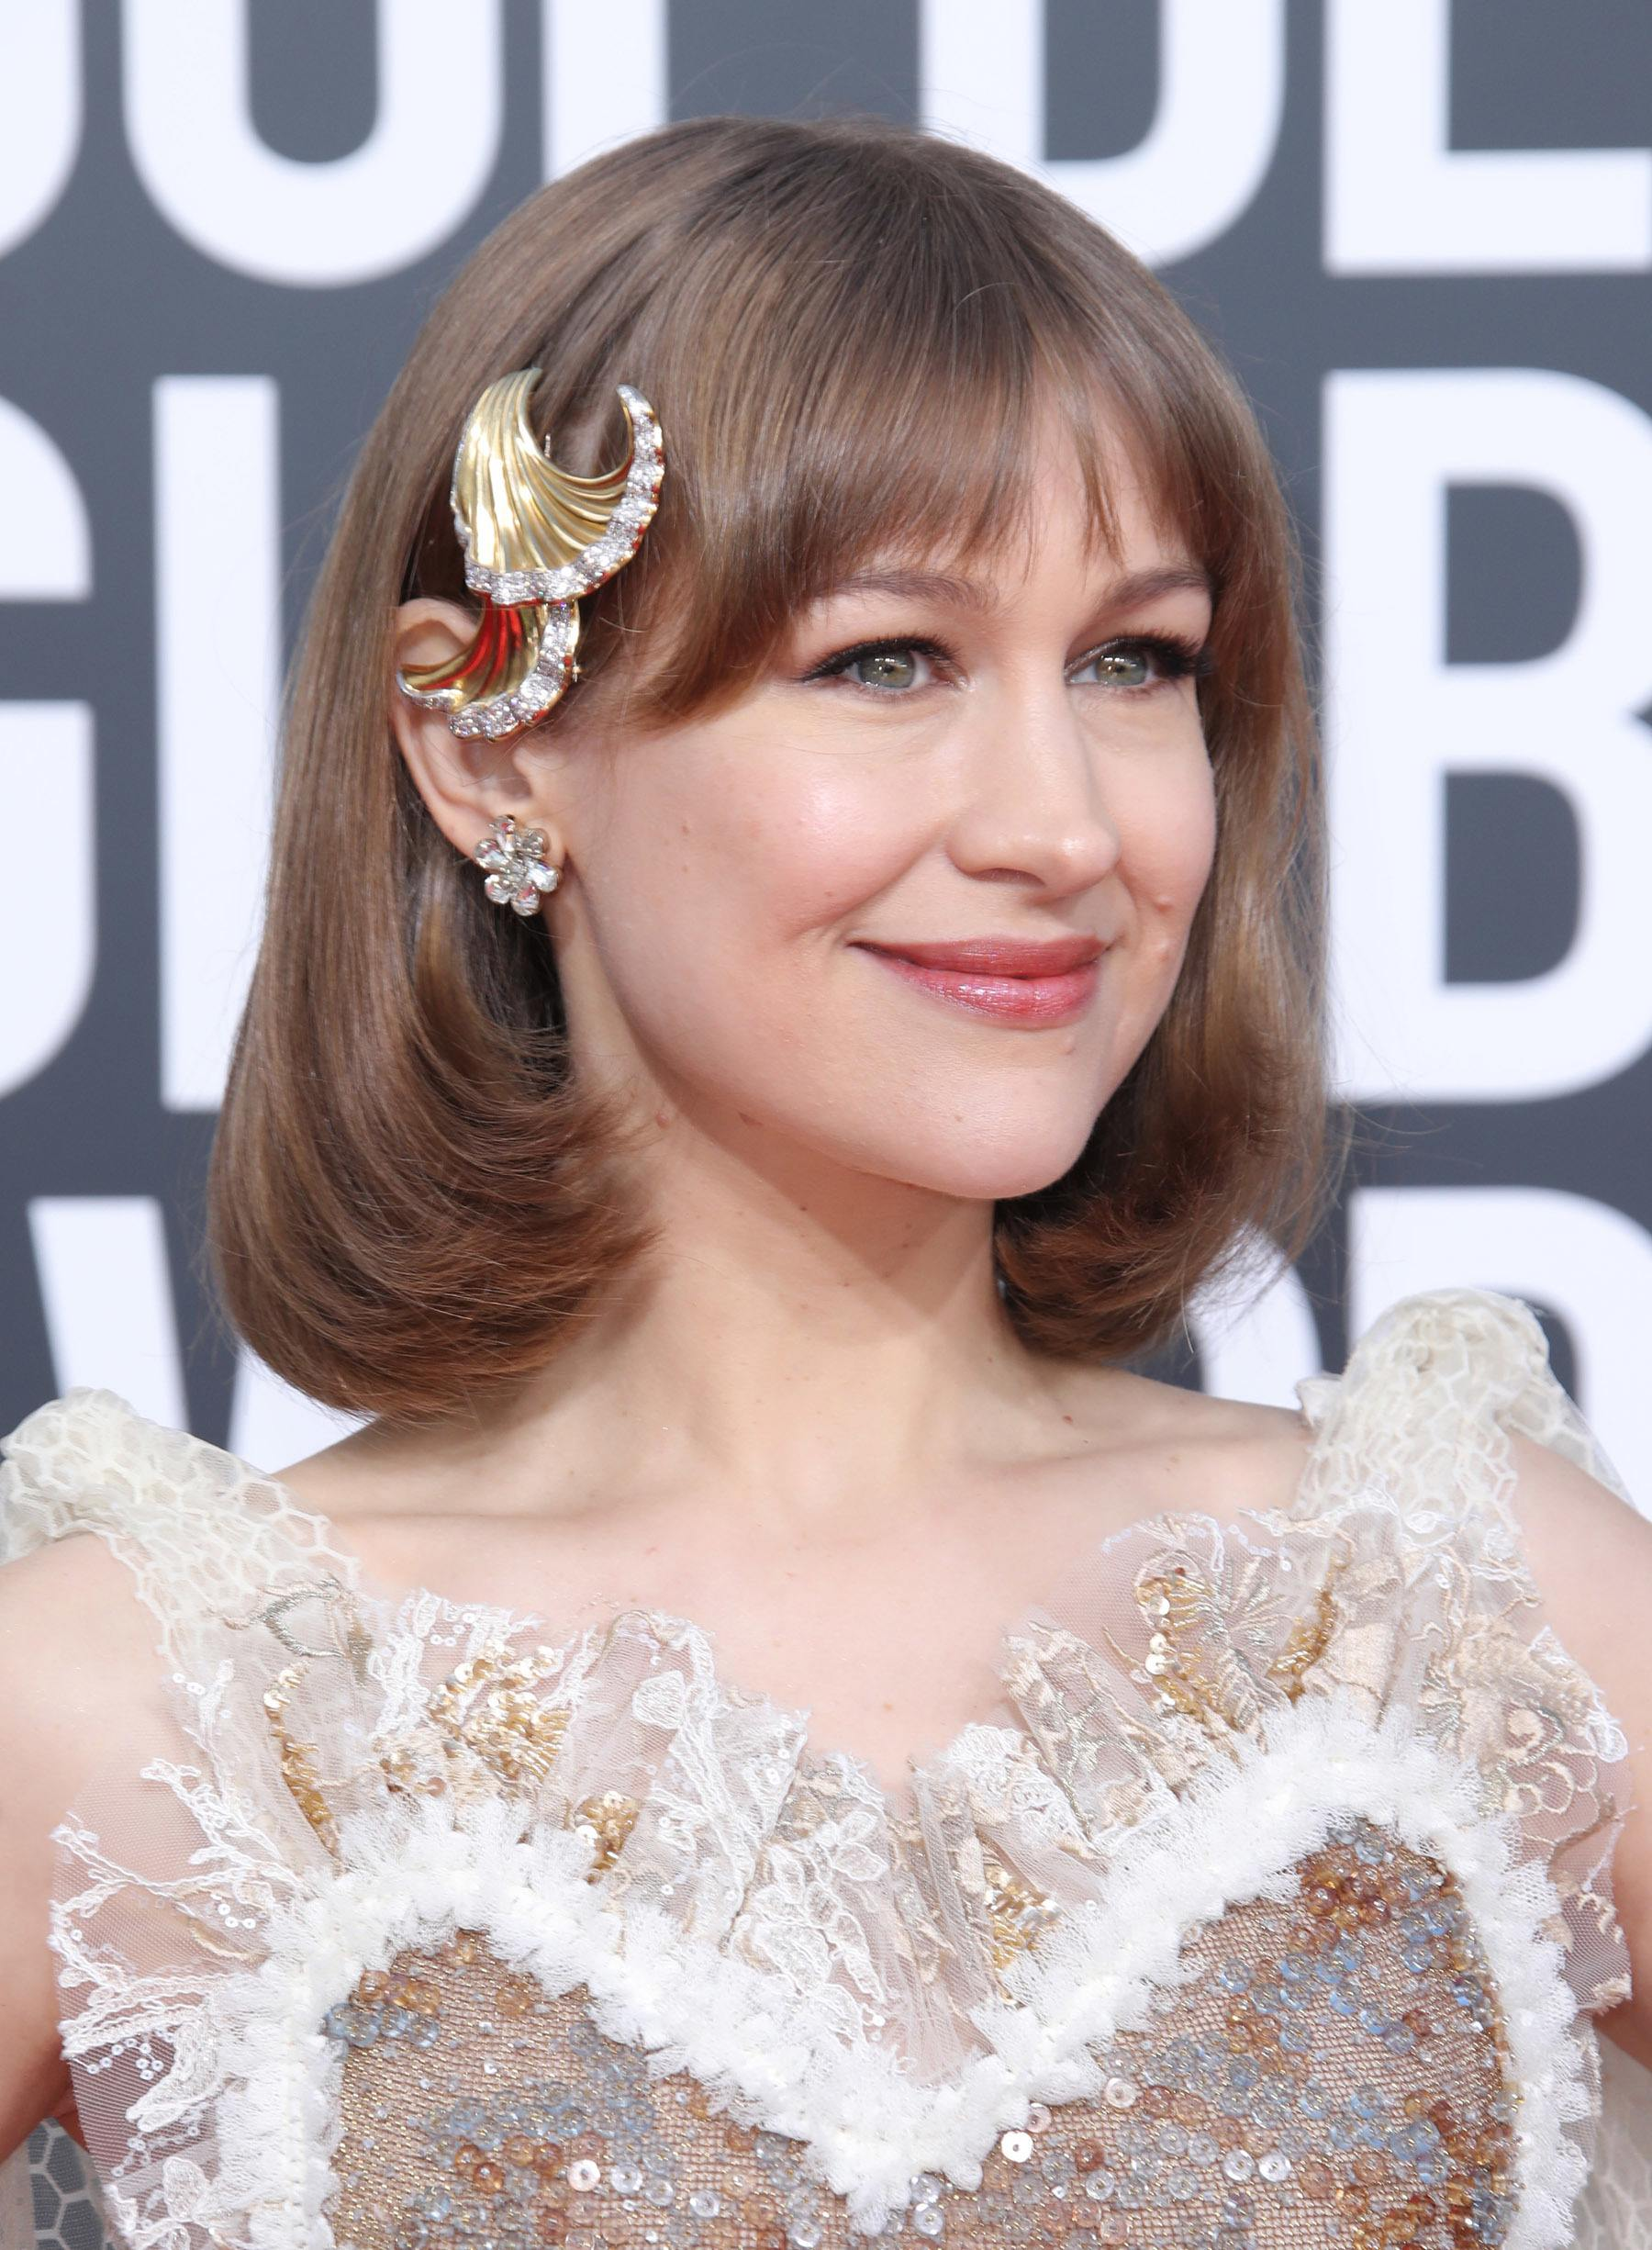 mujer con flequillo y pelo corto con hebillas doradas